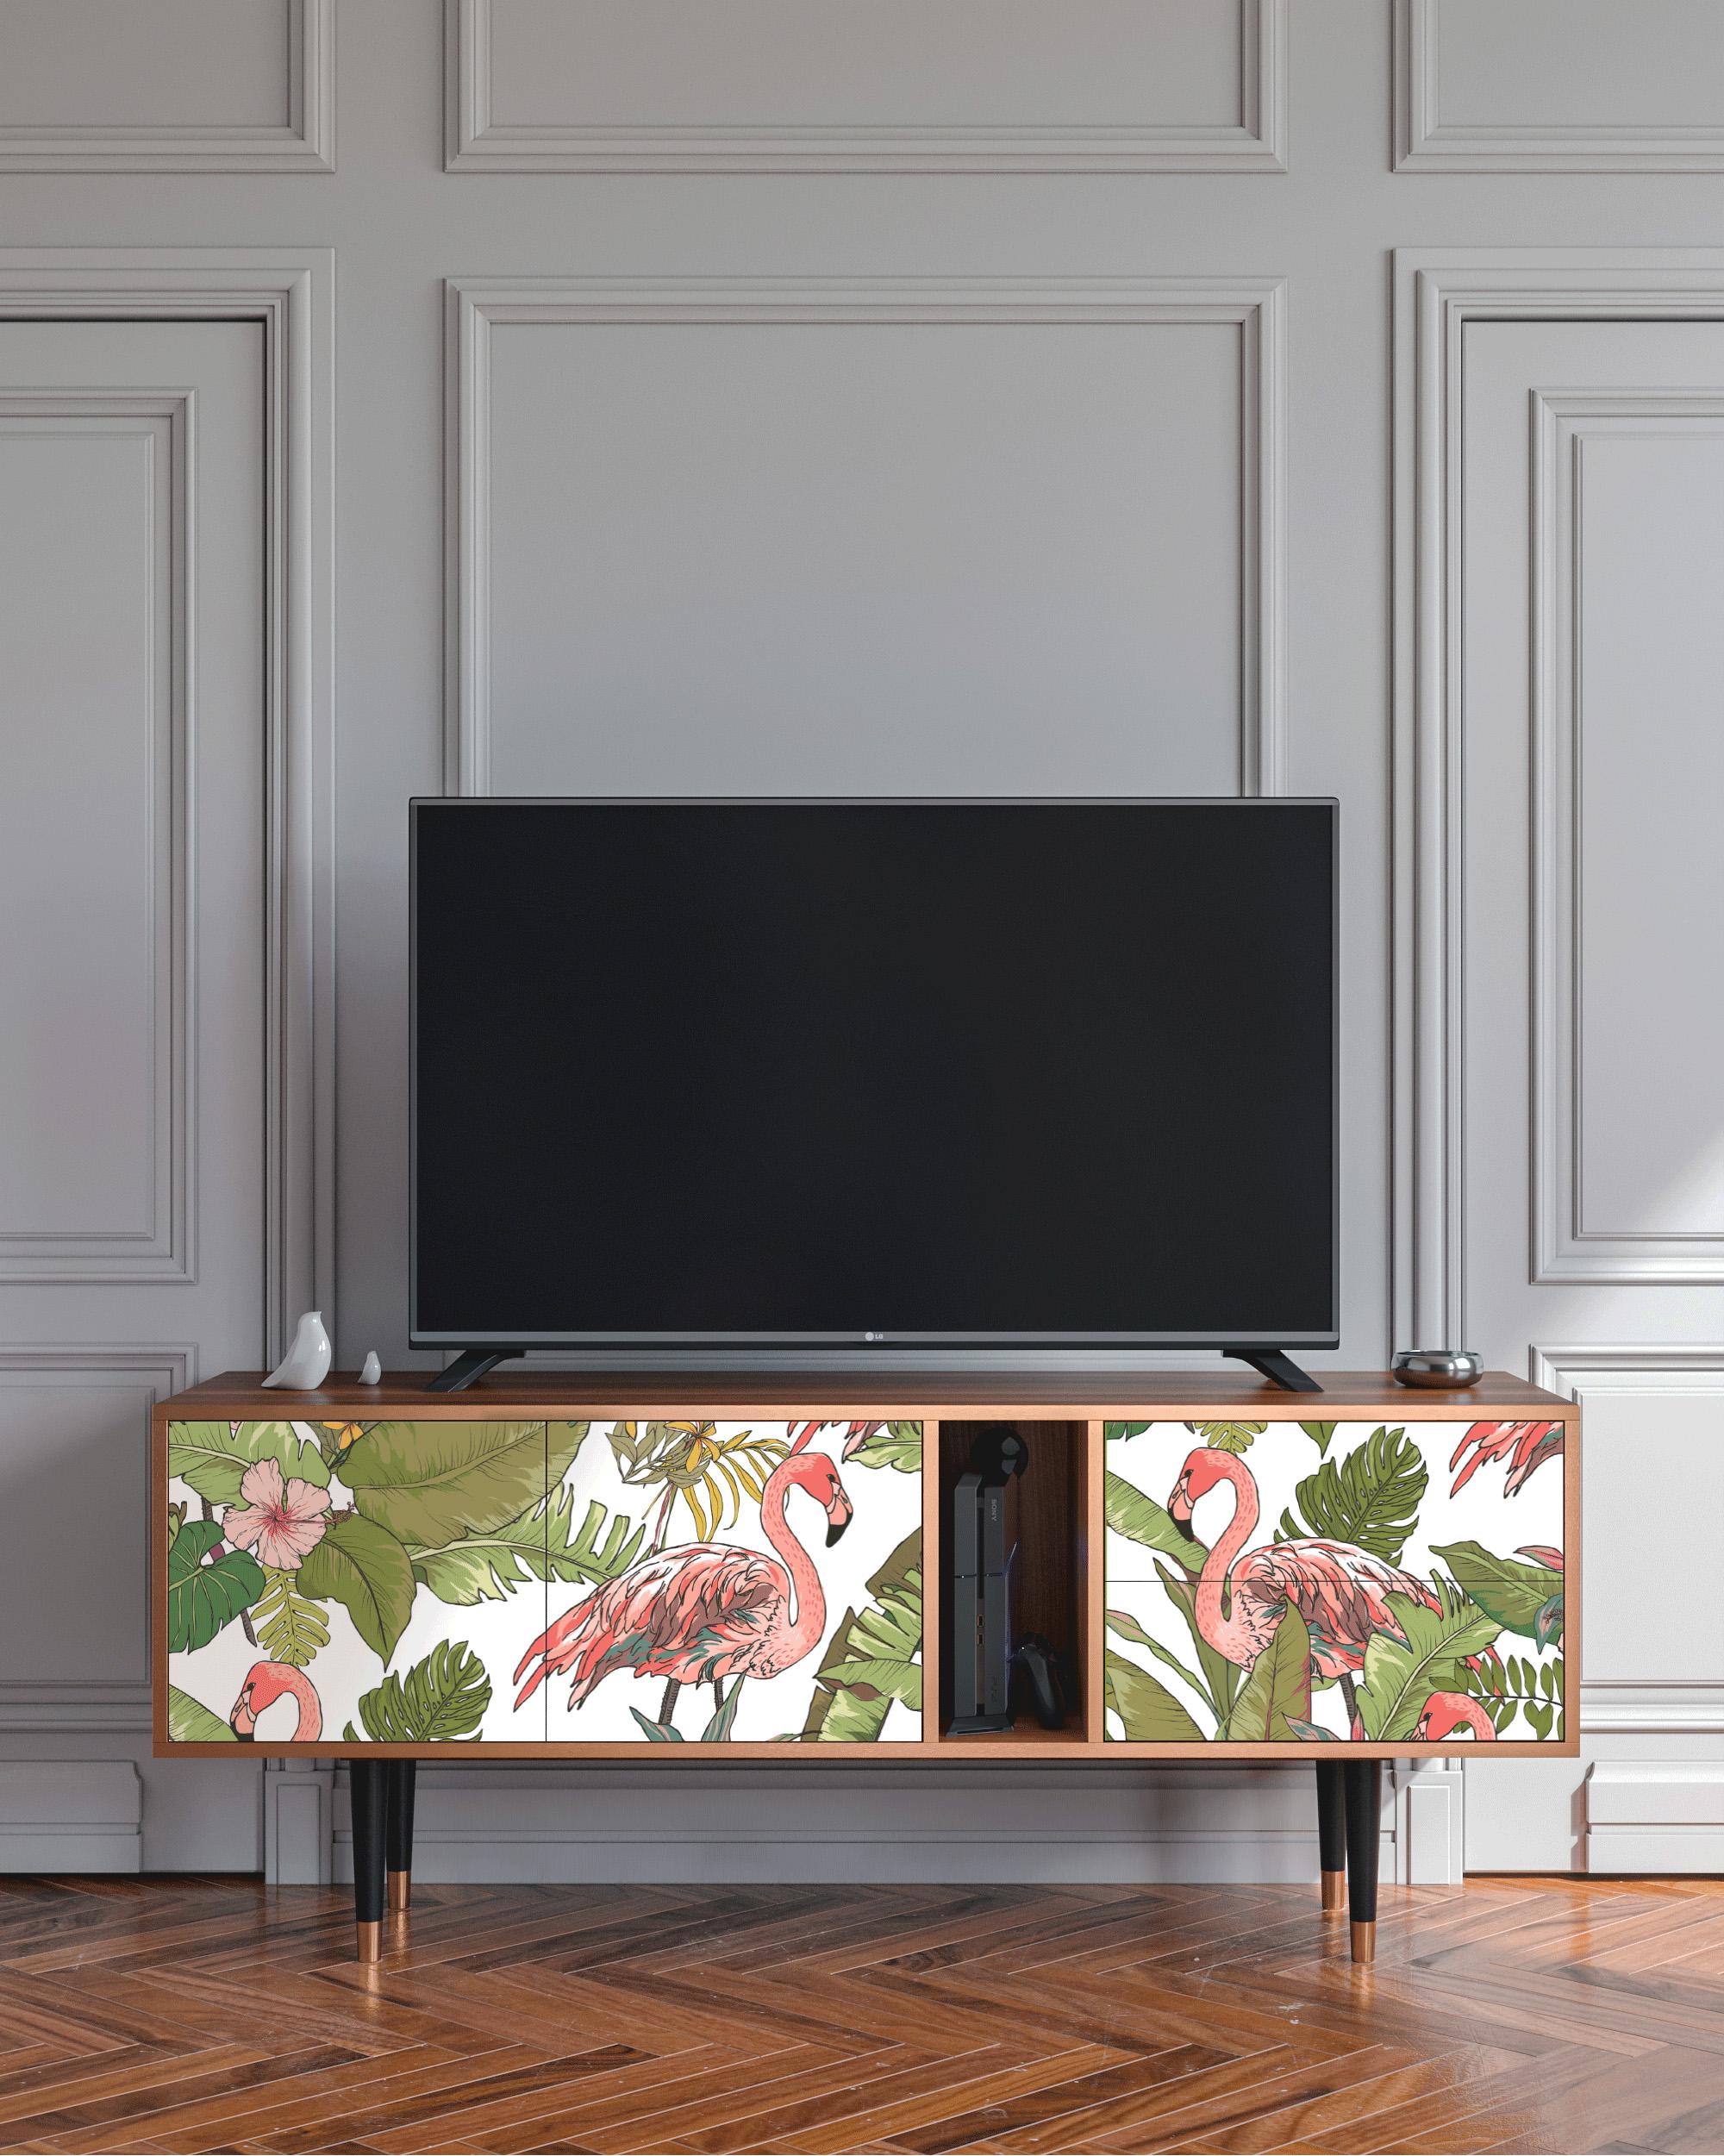 Meuble TV rose et vert 170cm 2 tiroirs et 2 portes